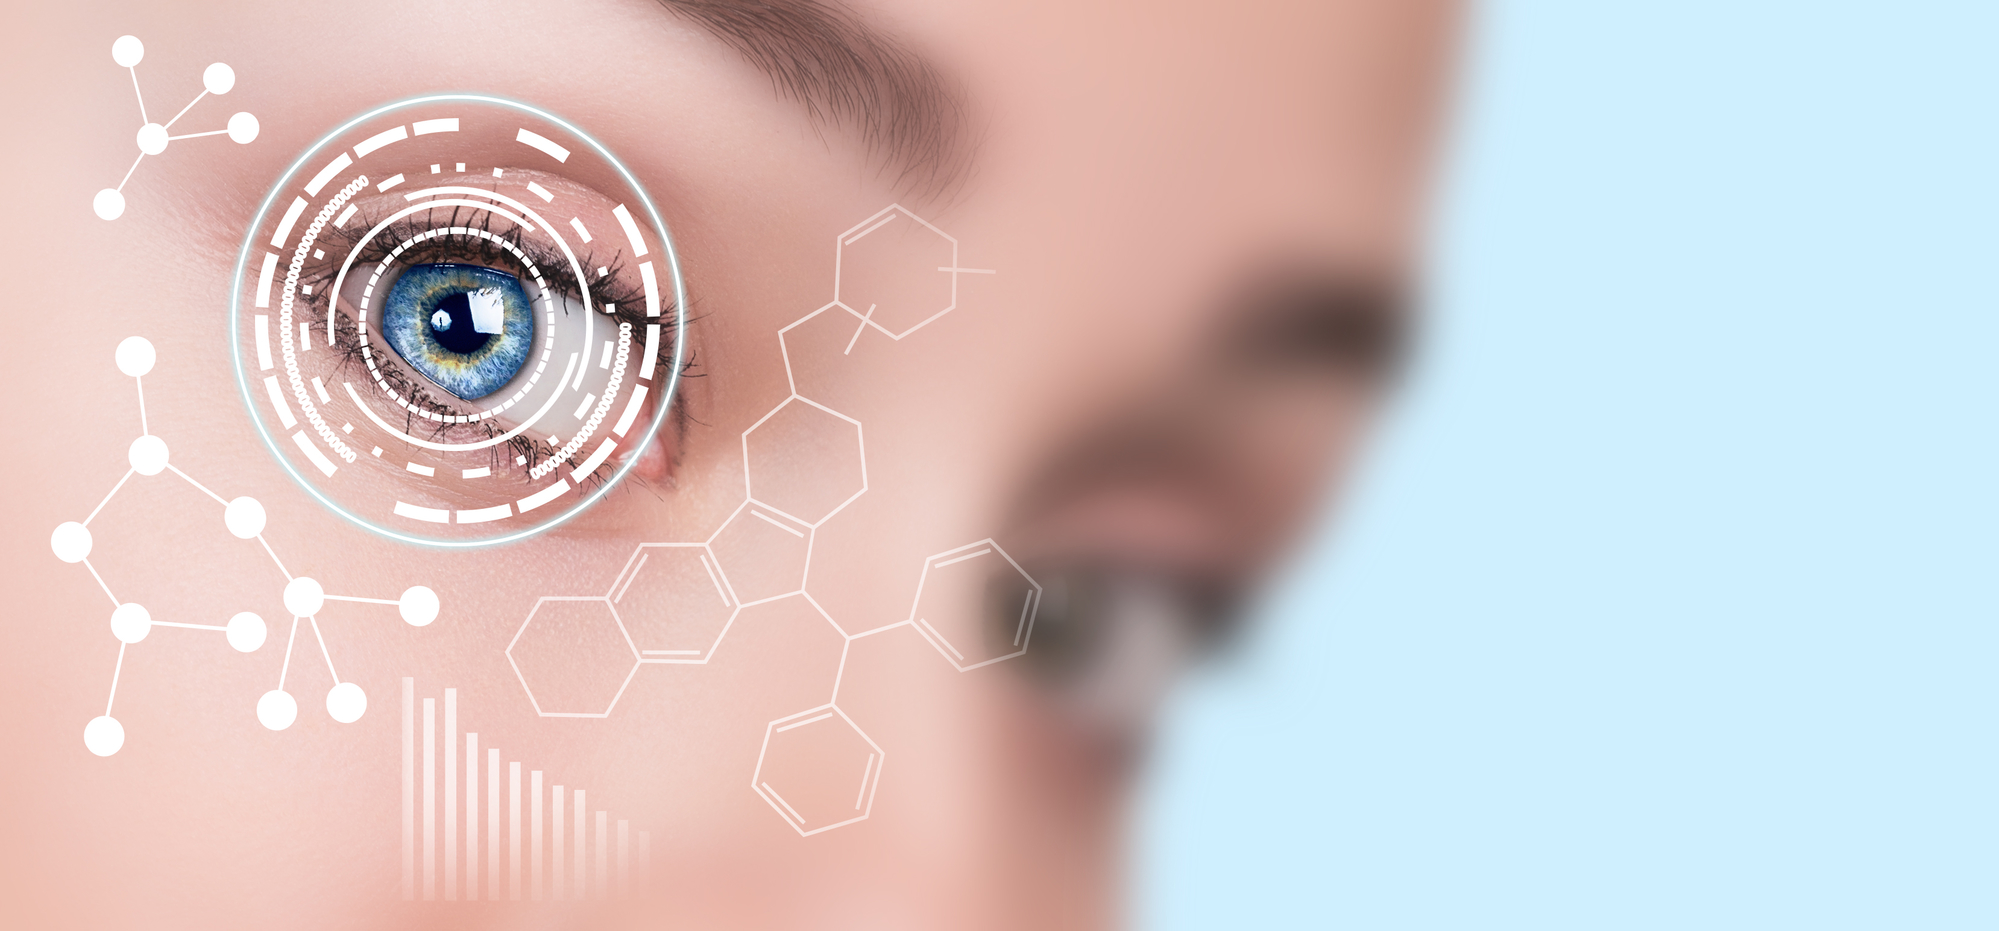 Droge ogen als gevolg van refractieve chirurgie